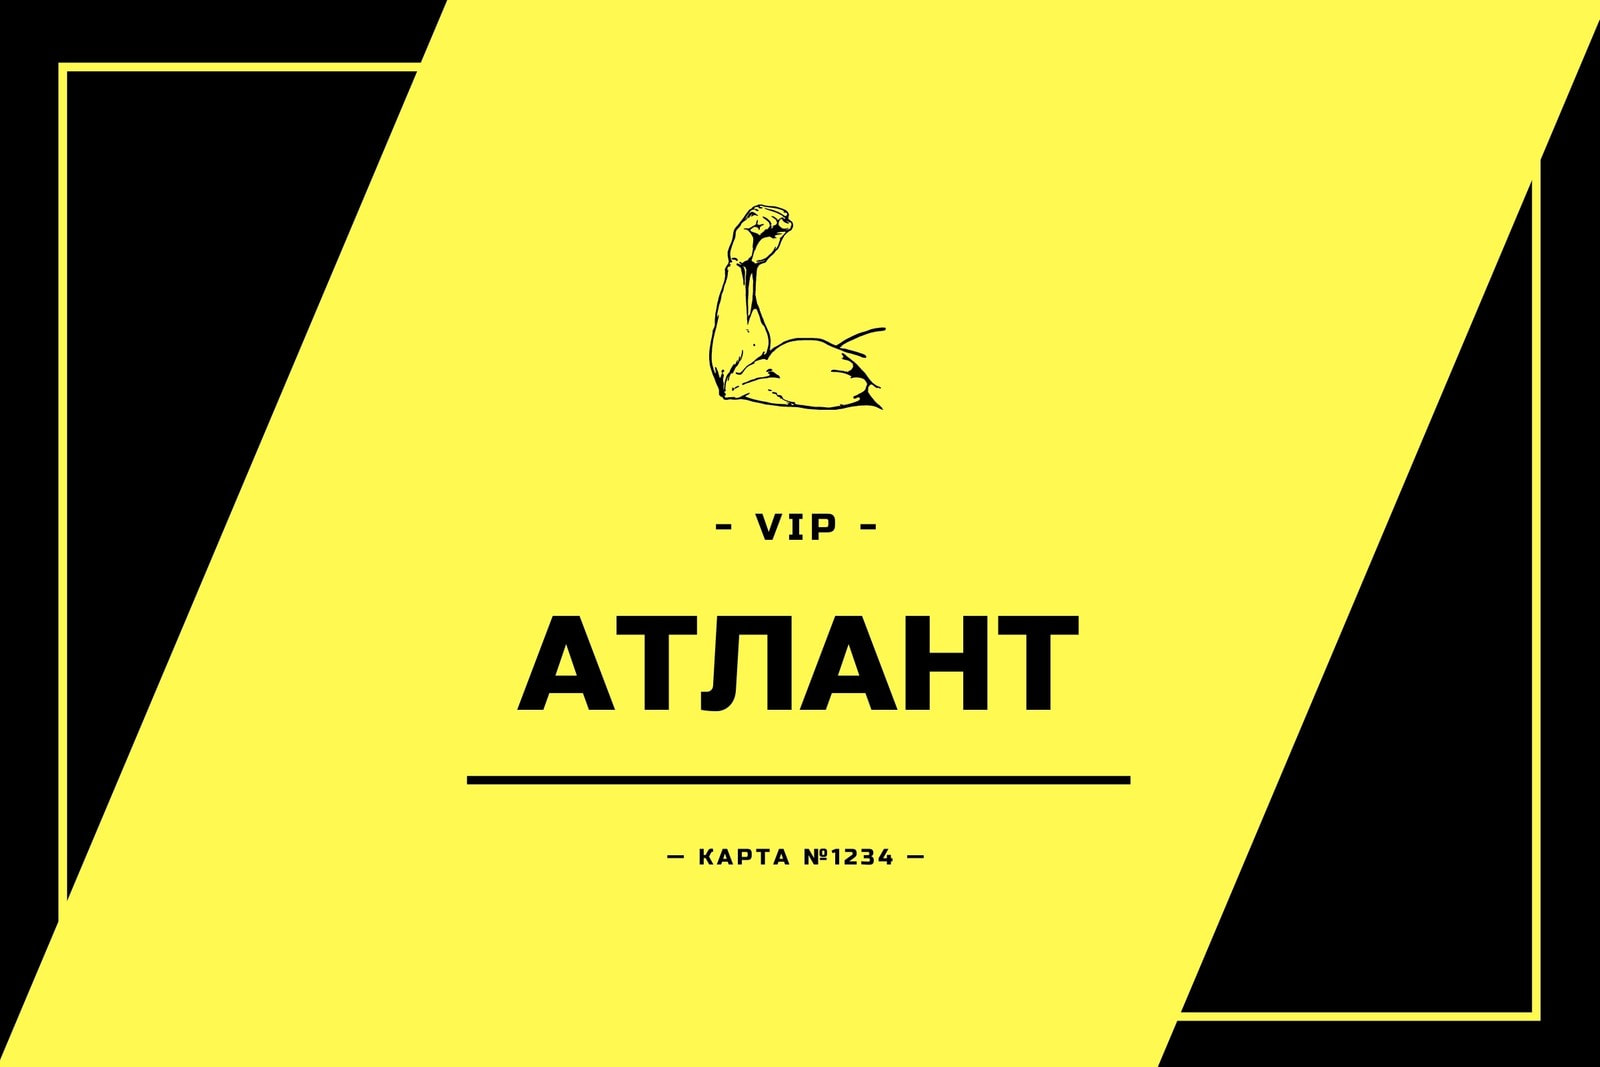 Желтое и Черное Современное Жирный Членское Удостоверение Личности